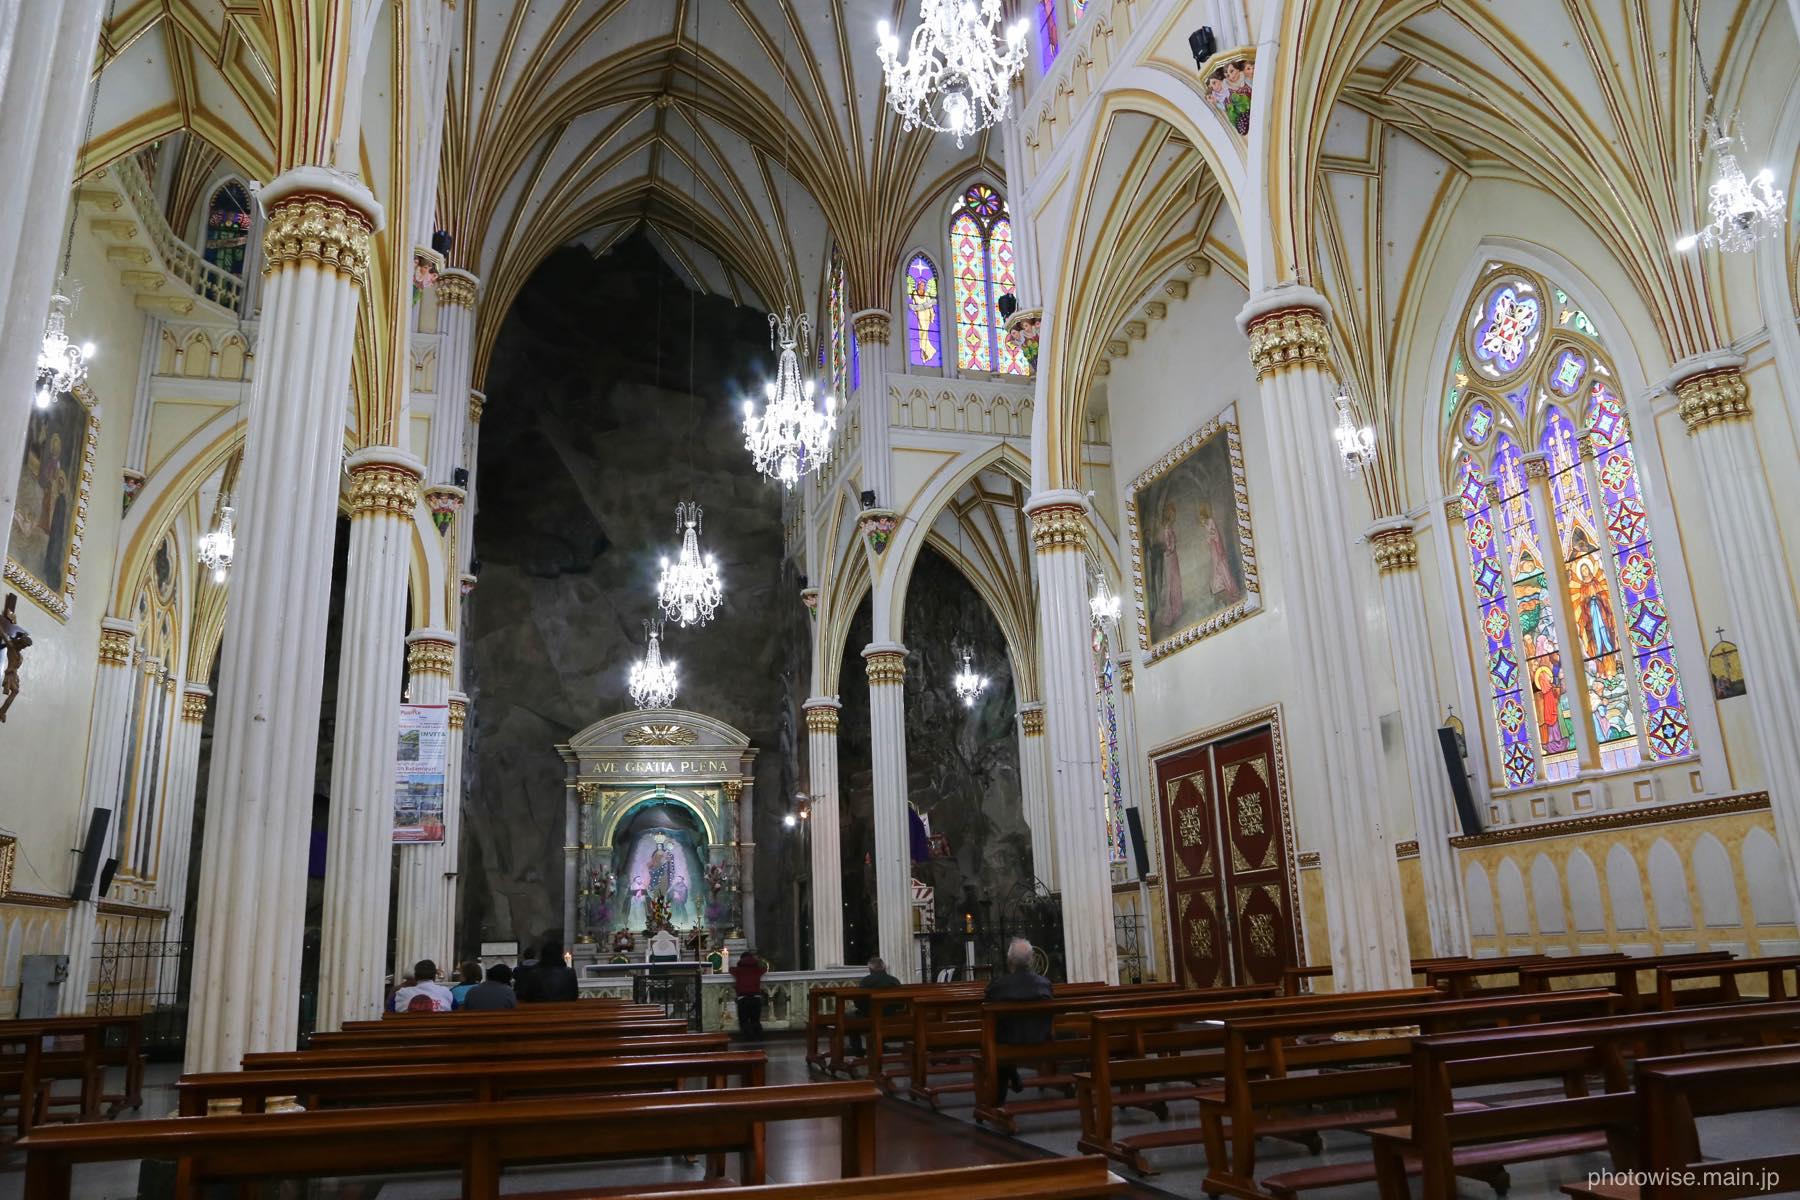 ラスラハス教会内部